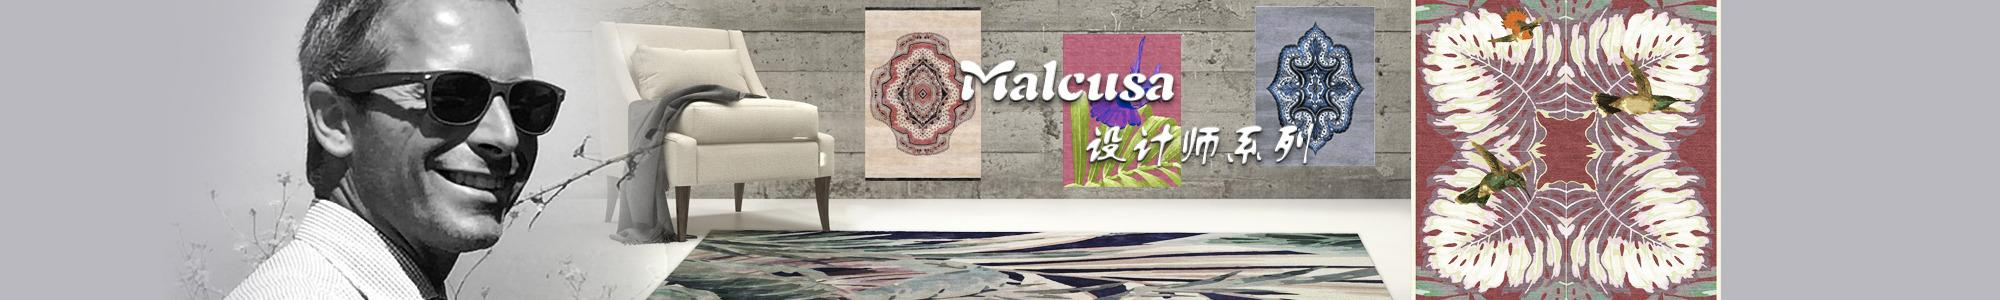 意大利地毯 Malcusa